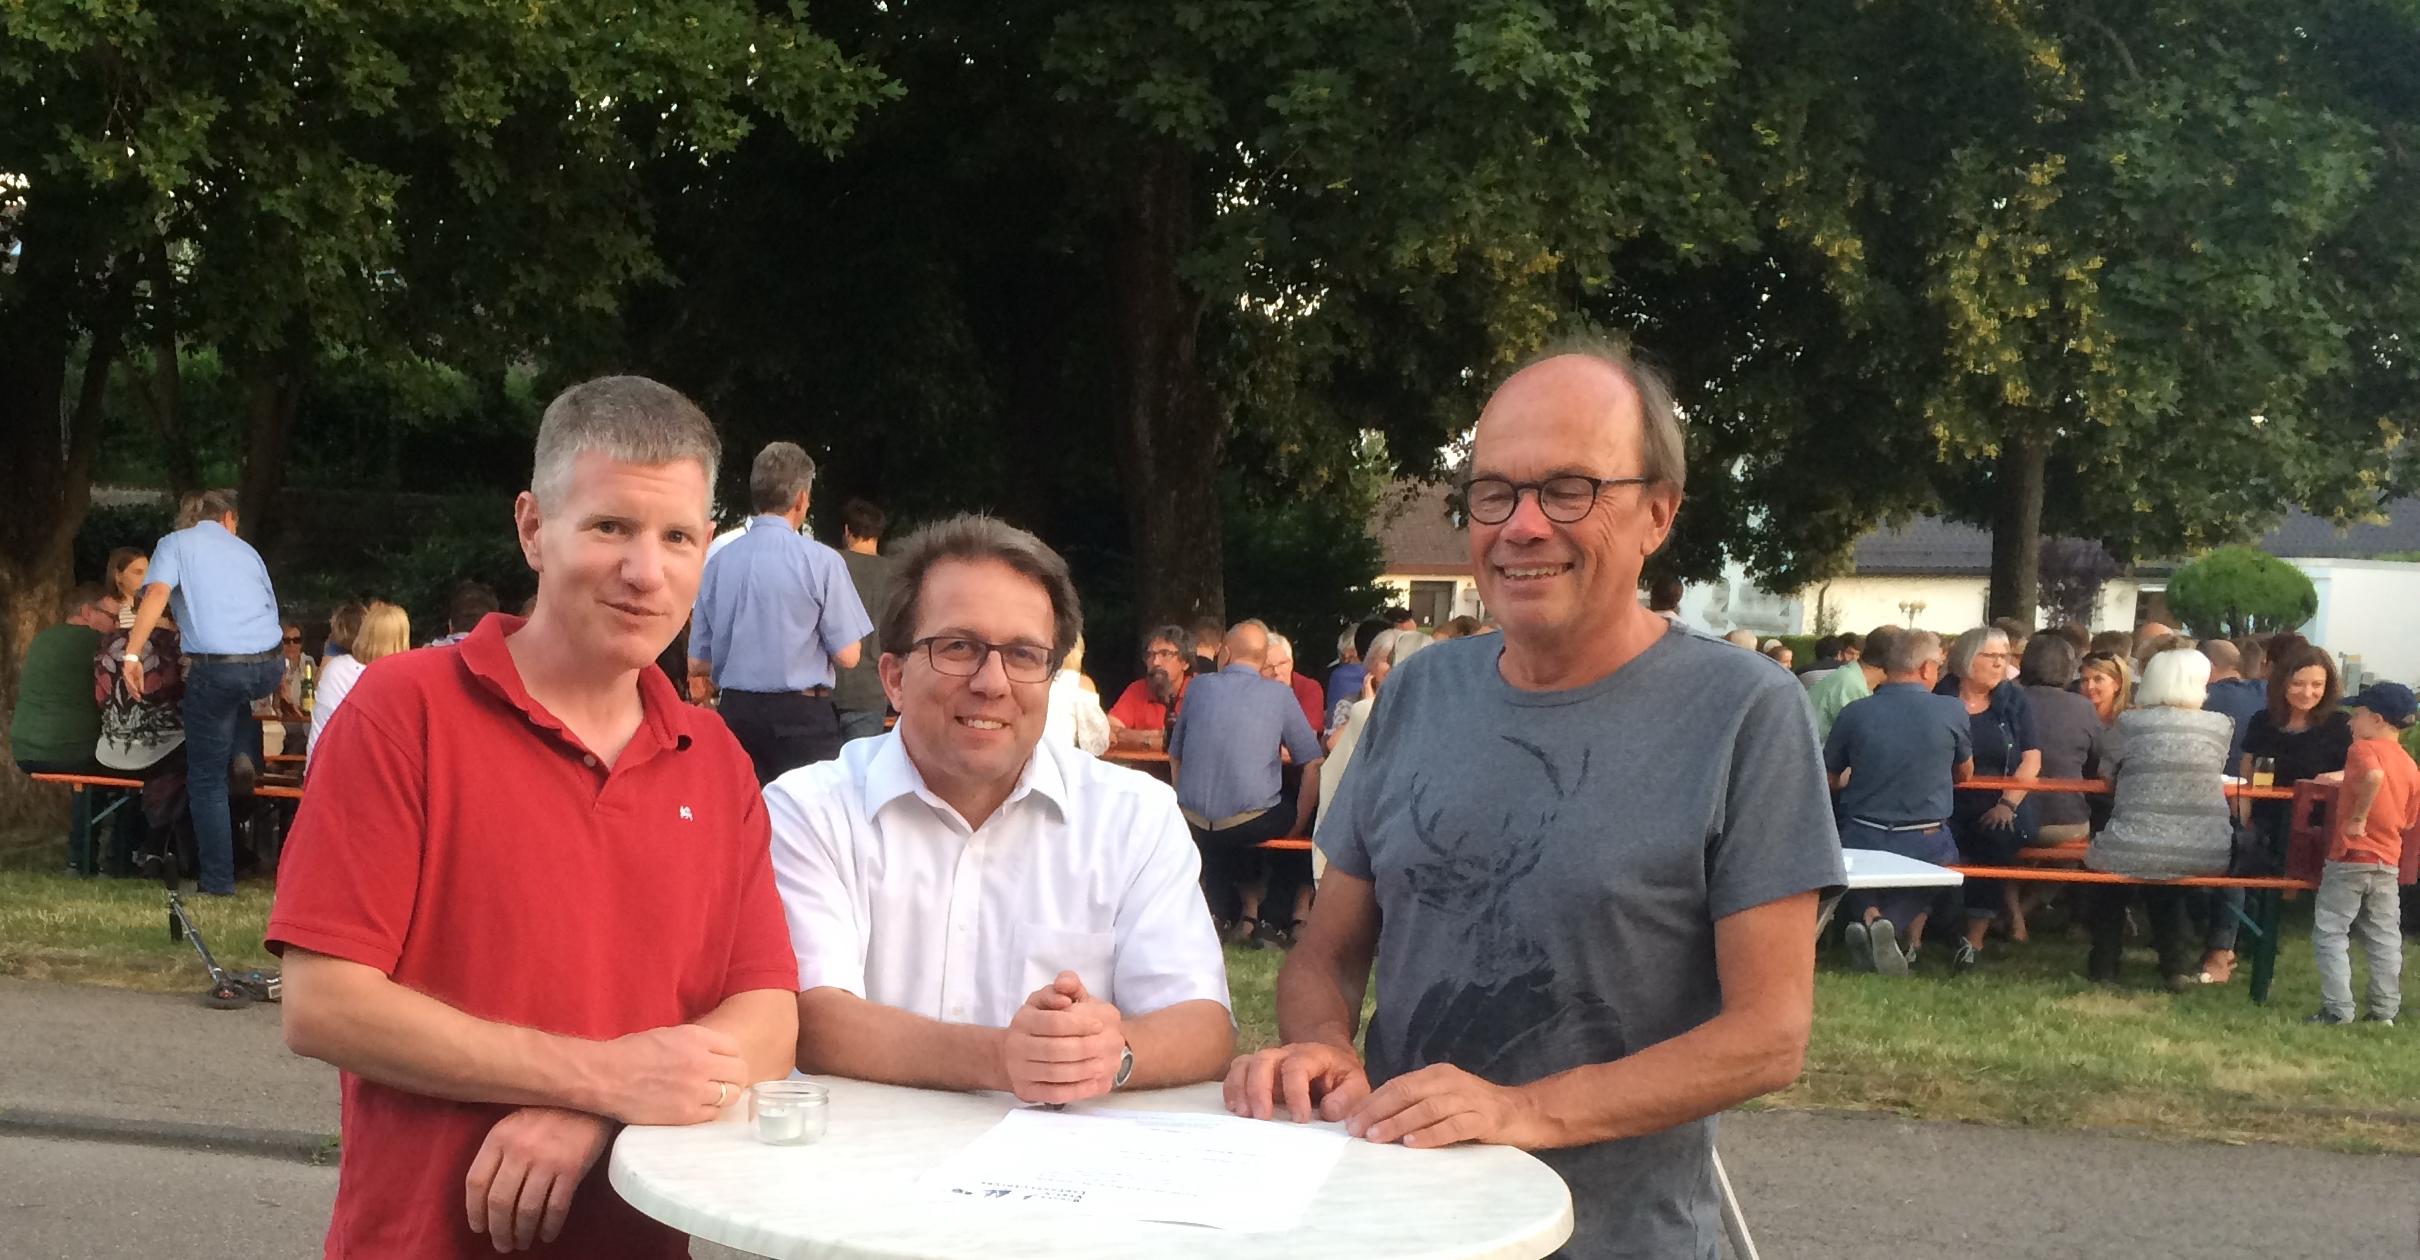 Neuer BVL Vorsitzender Ulrich Martens mit Ortsvorsteher Wolfgang Stierle u. Vorstand Helmut Hofmann